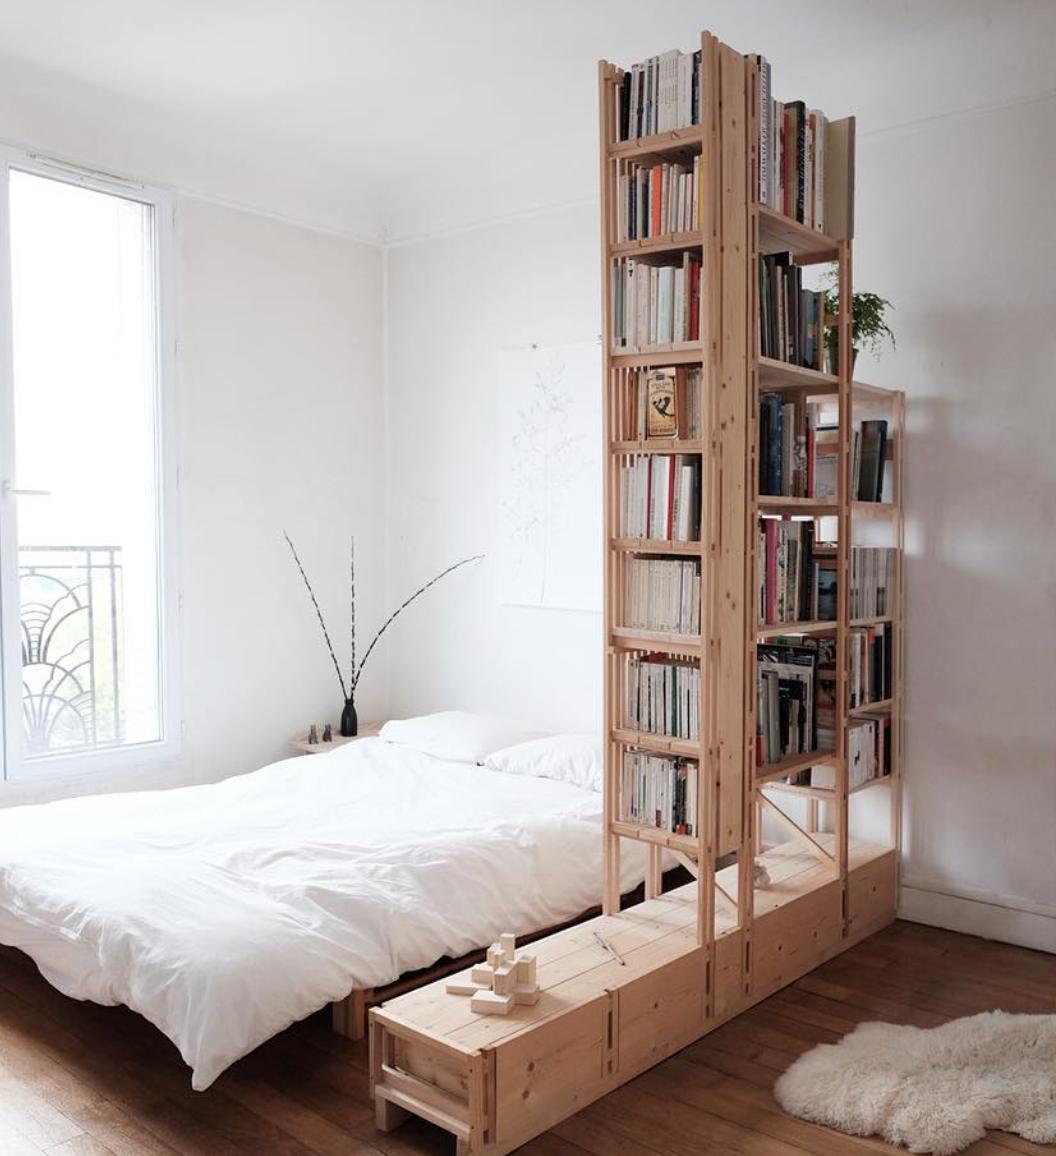 wall of books @serazof